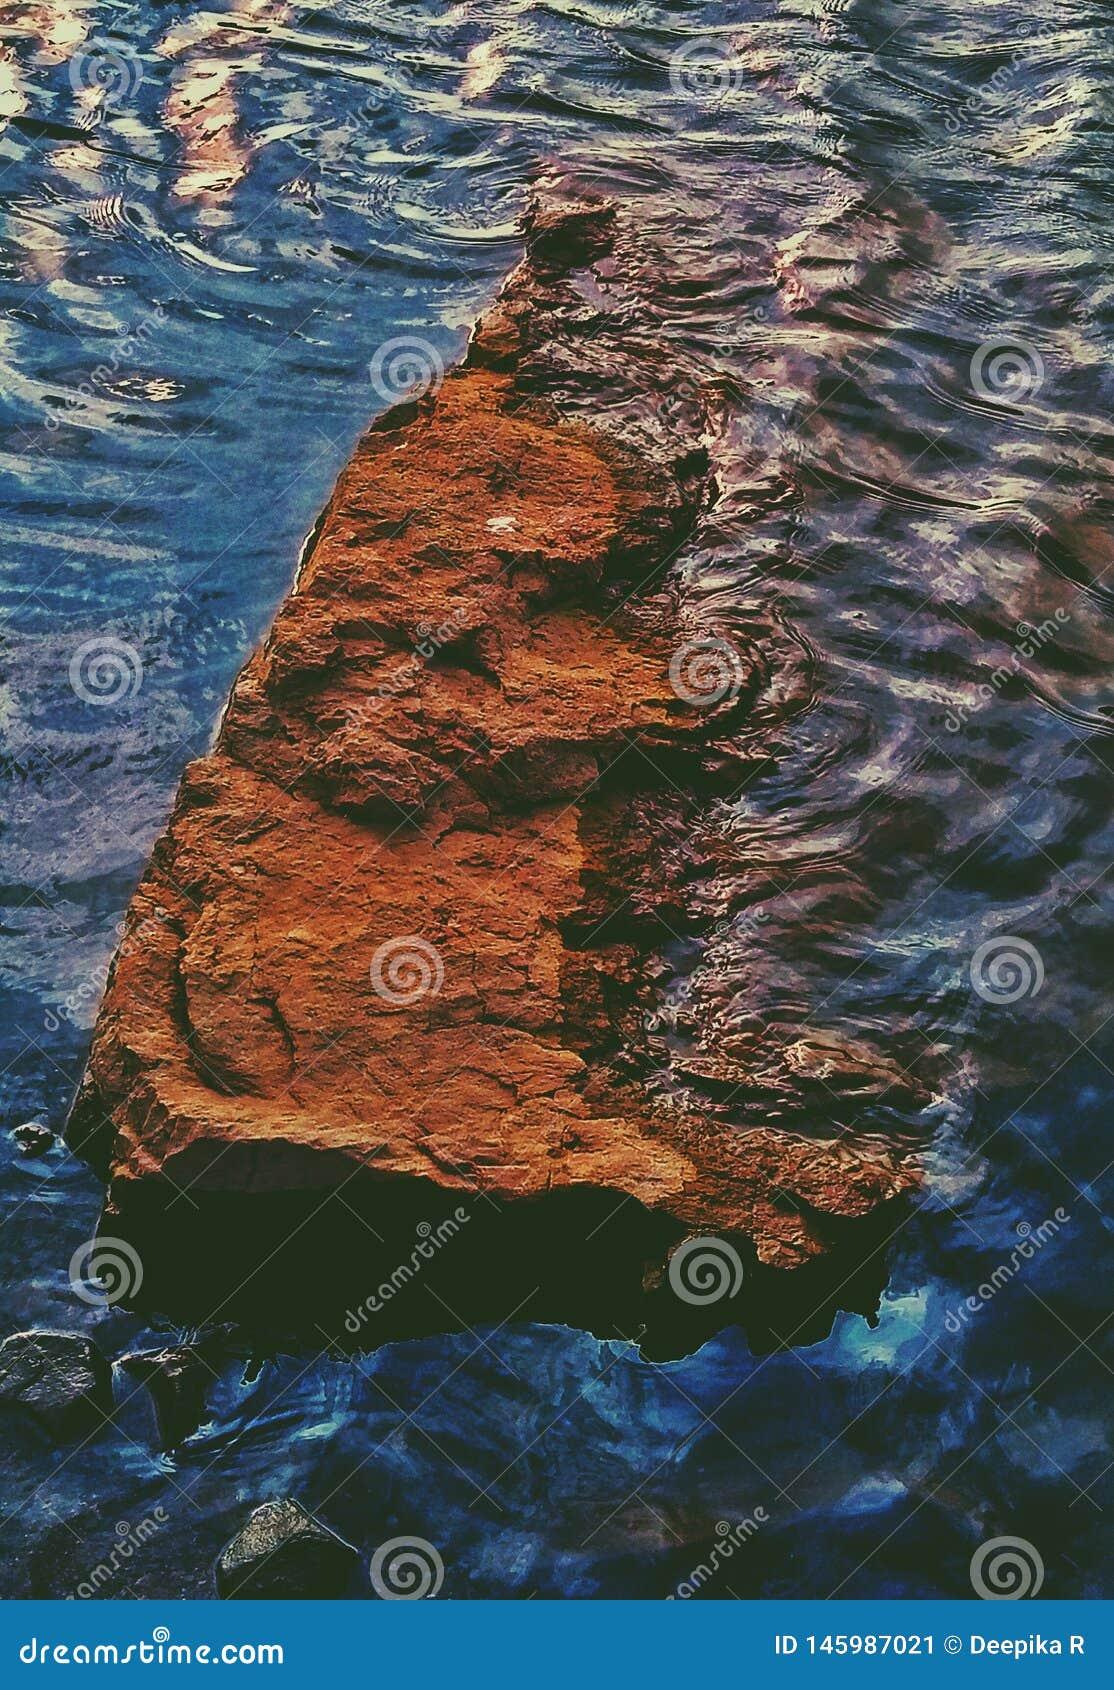 Uma imagem artística bonita de uma rocha em uma água